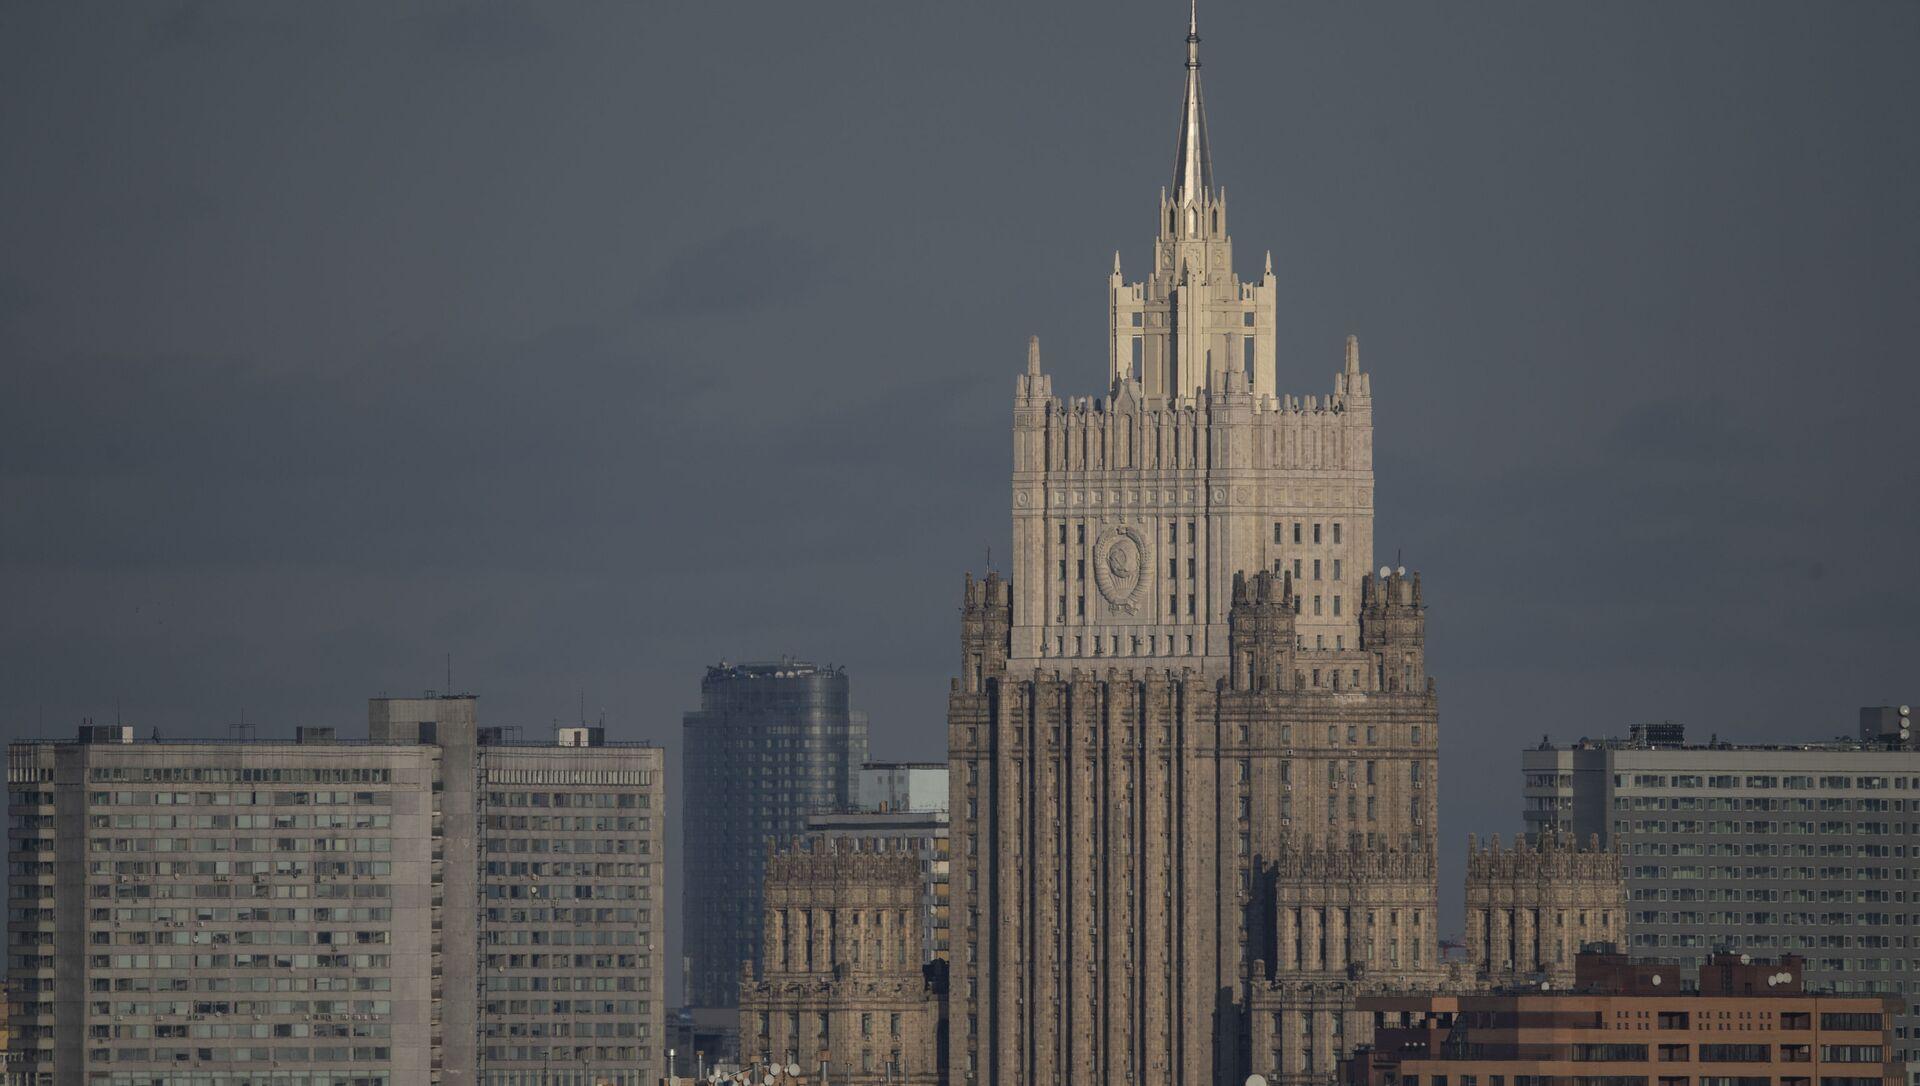 Rusya Dışişleri Bakanlığı binası - Sputnik Türkiye, 1920, 26.04.2021